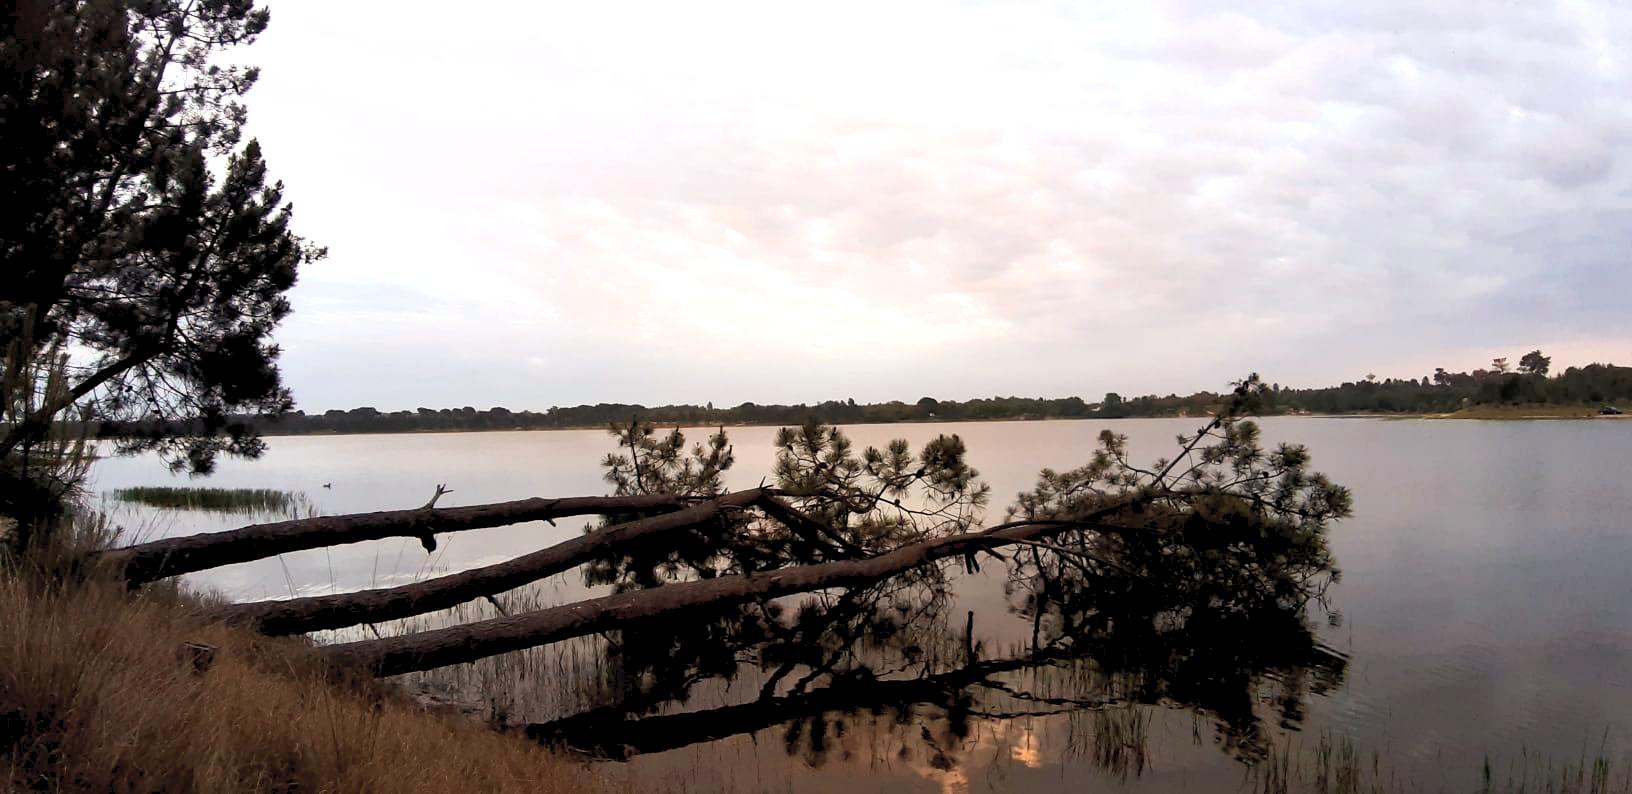 Vista sobre a barragem de Magos